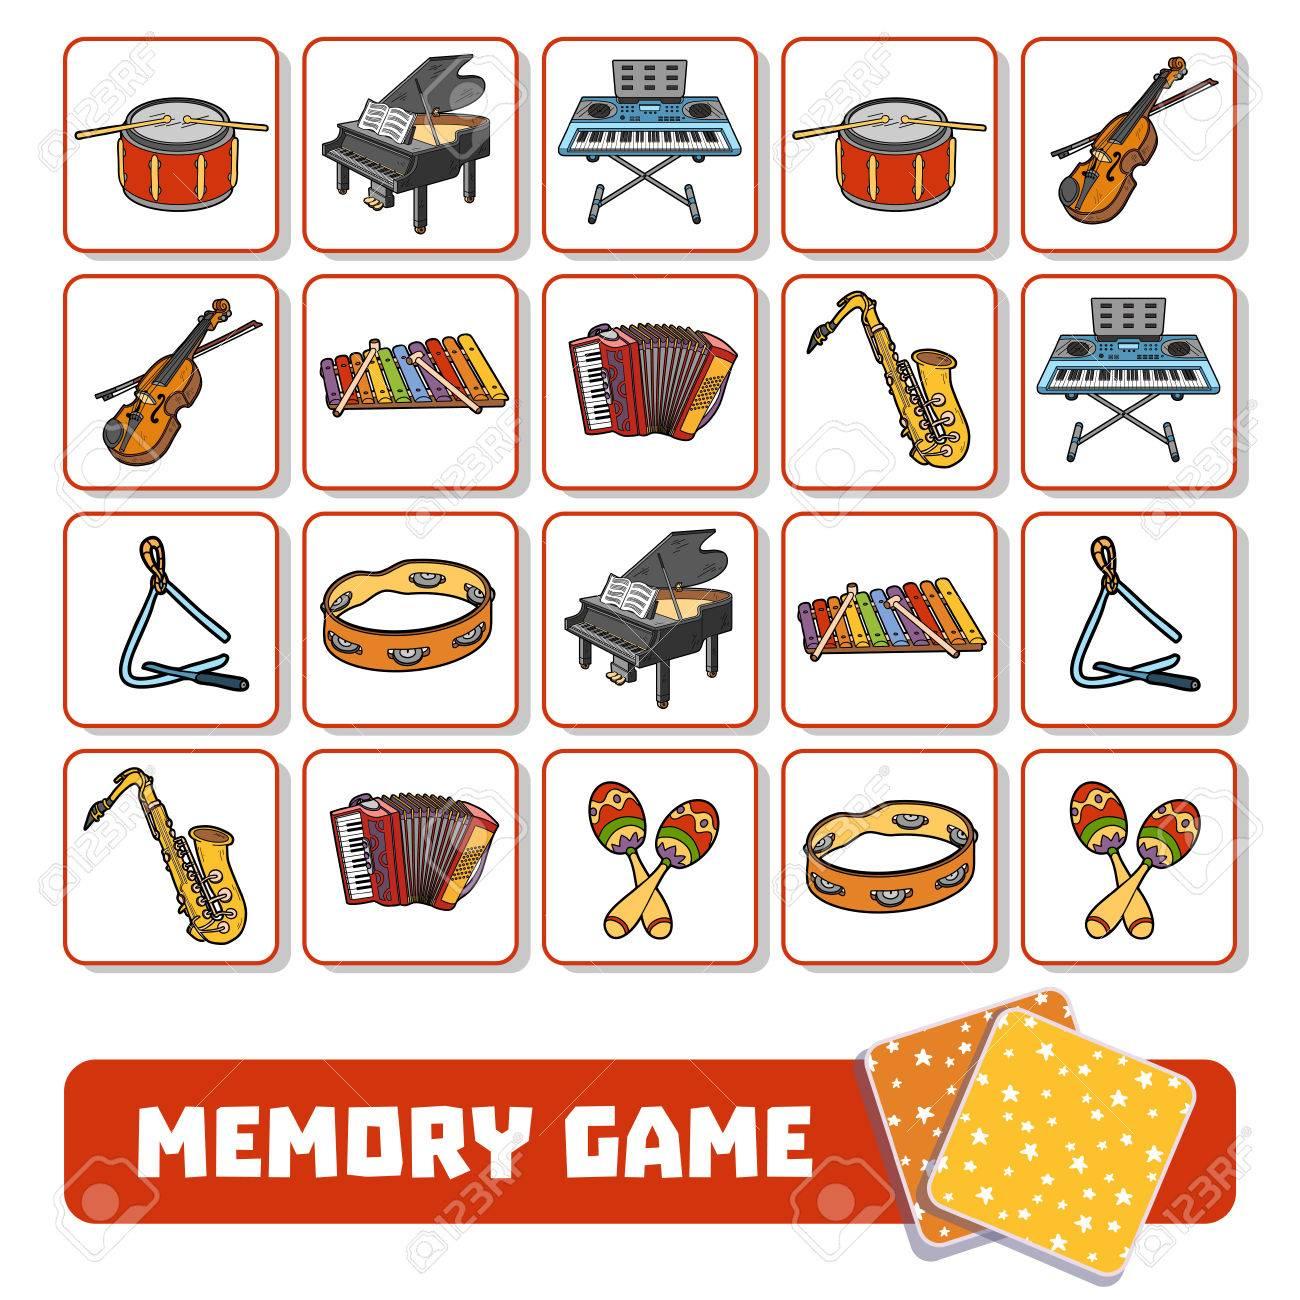 Jeu De Mémoire Pour Enfants D'âge Préscolaire, Cartes Vectorielles Avec  Instruments De Musique destiné Jeux De Memoire Pour Enfant